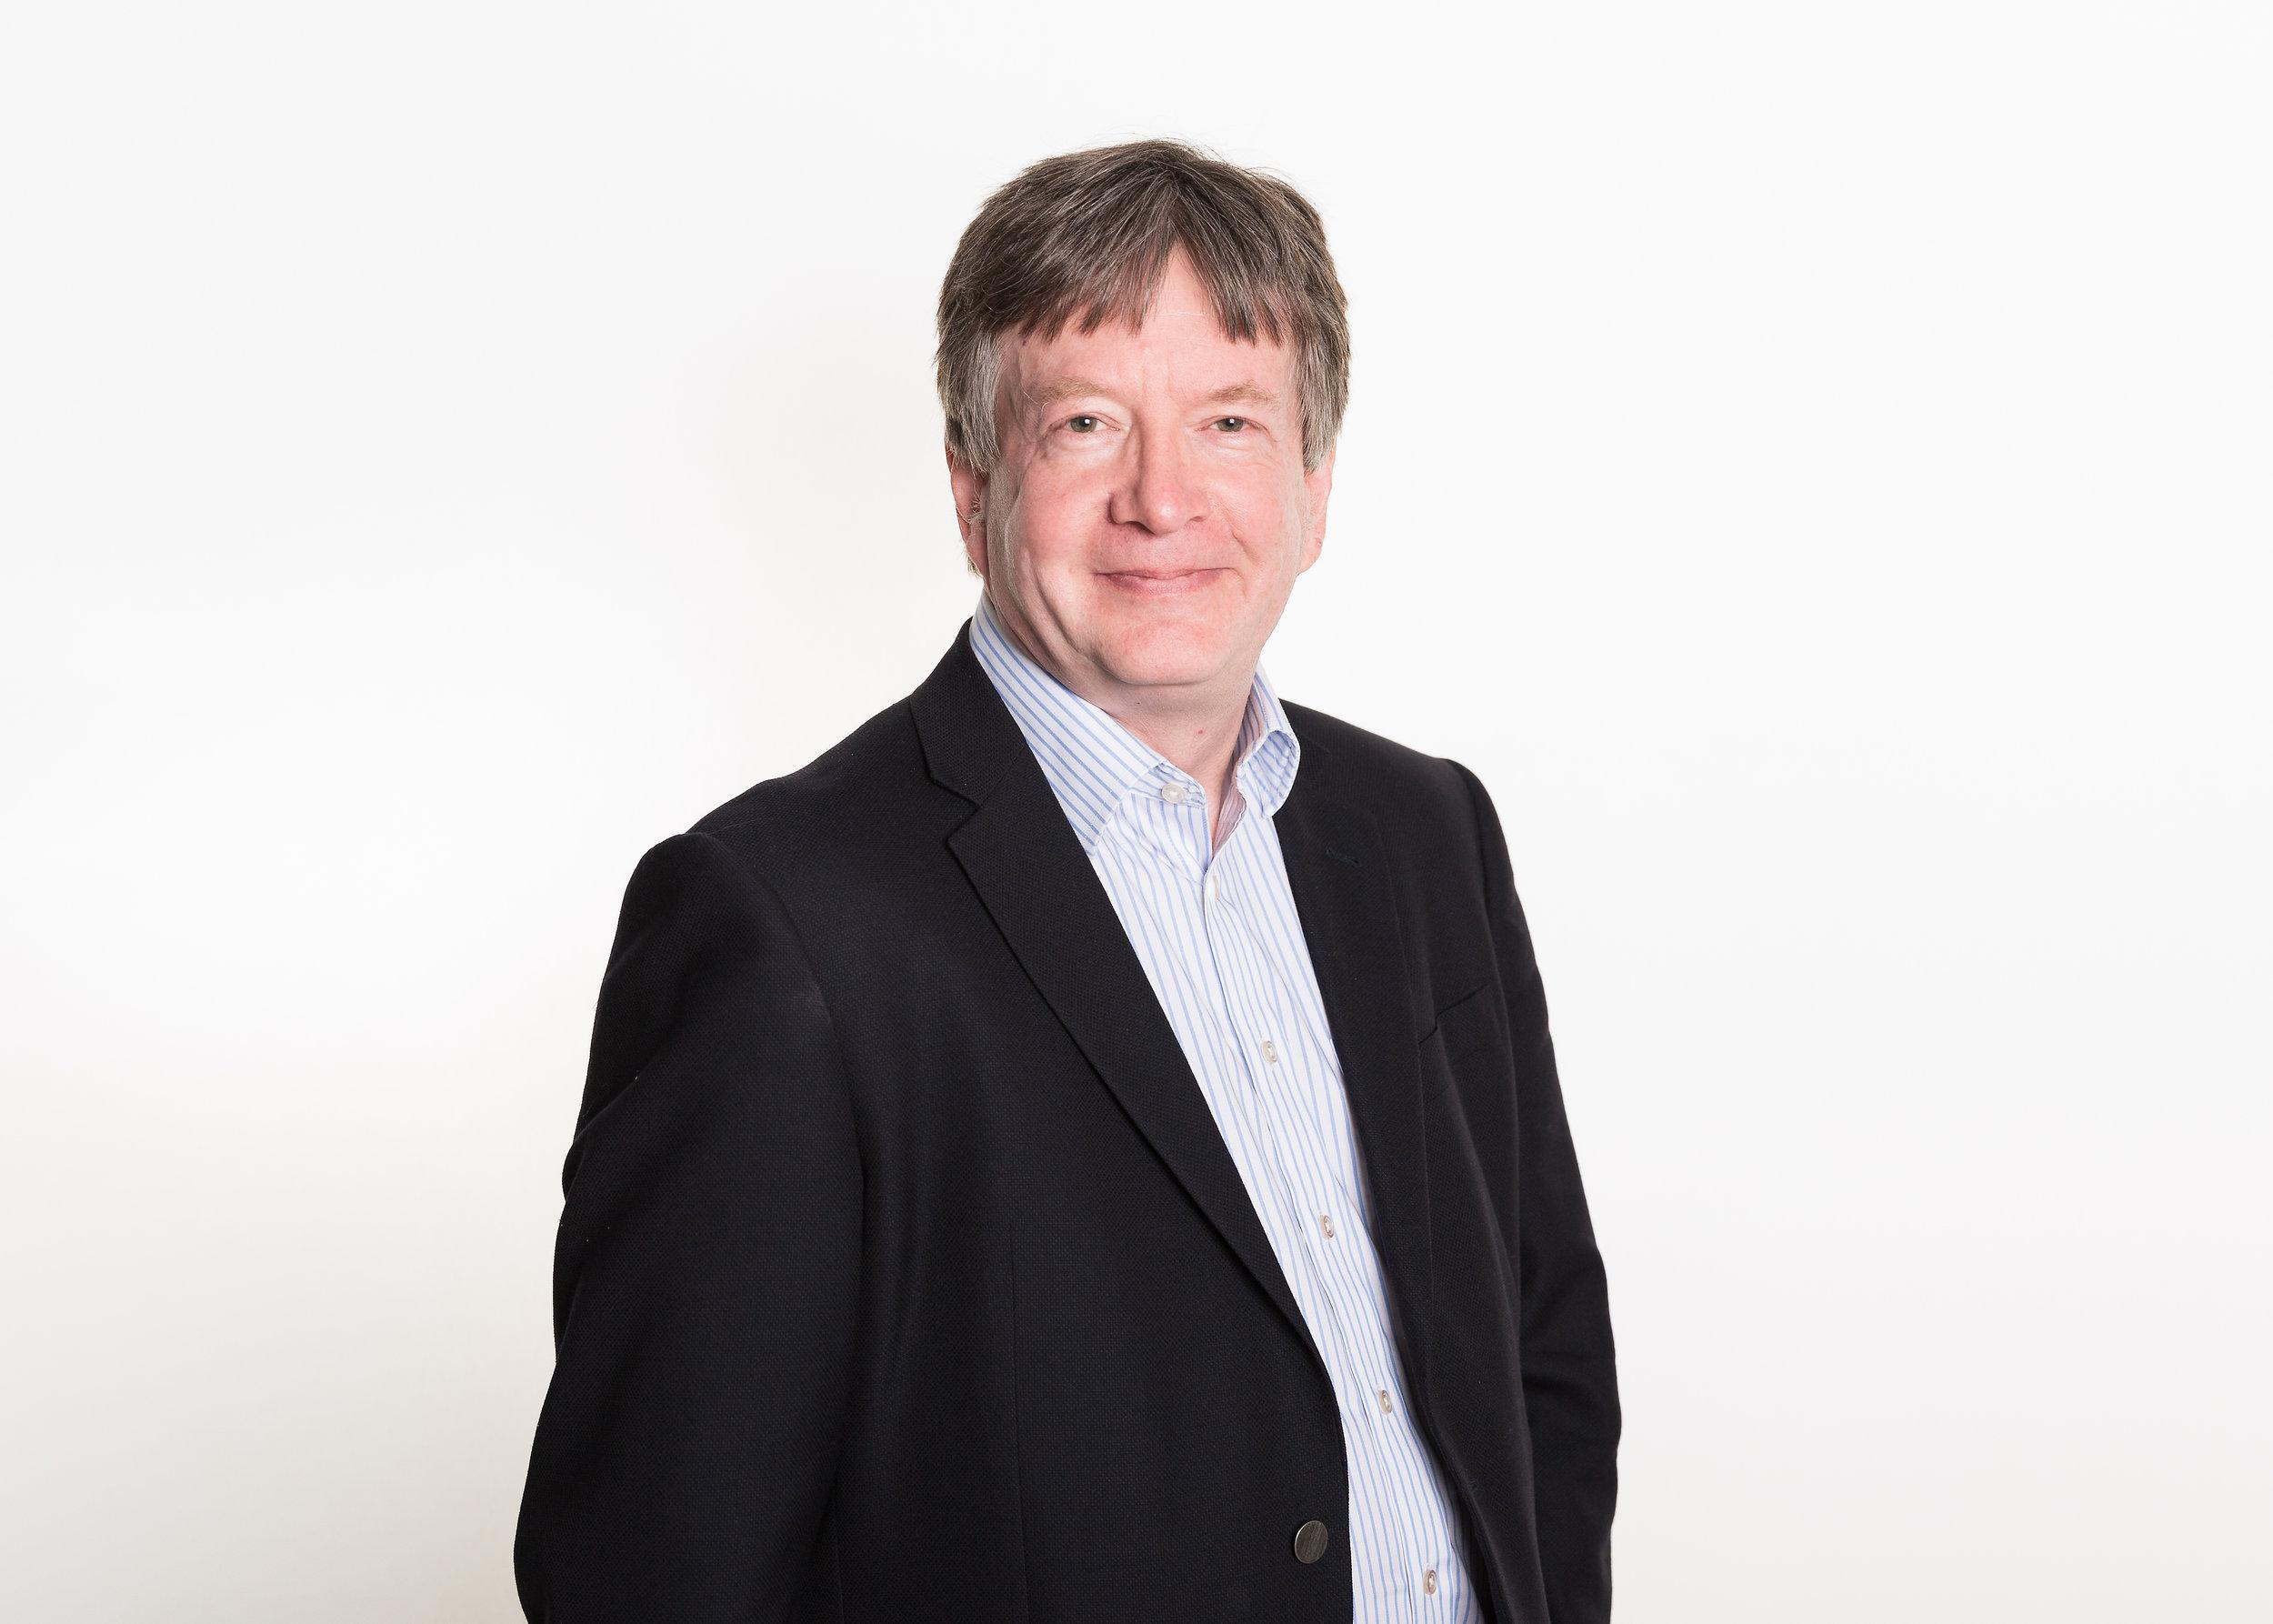 Colin Shearer, Principal Advisor - Predictive Solutions